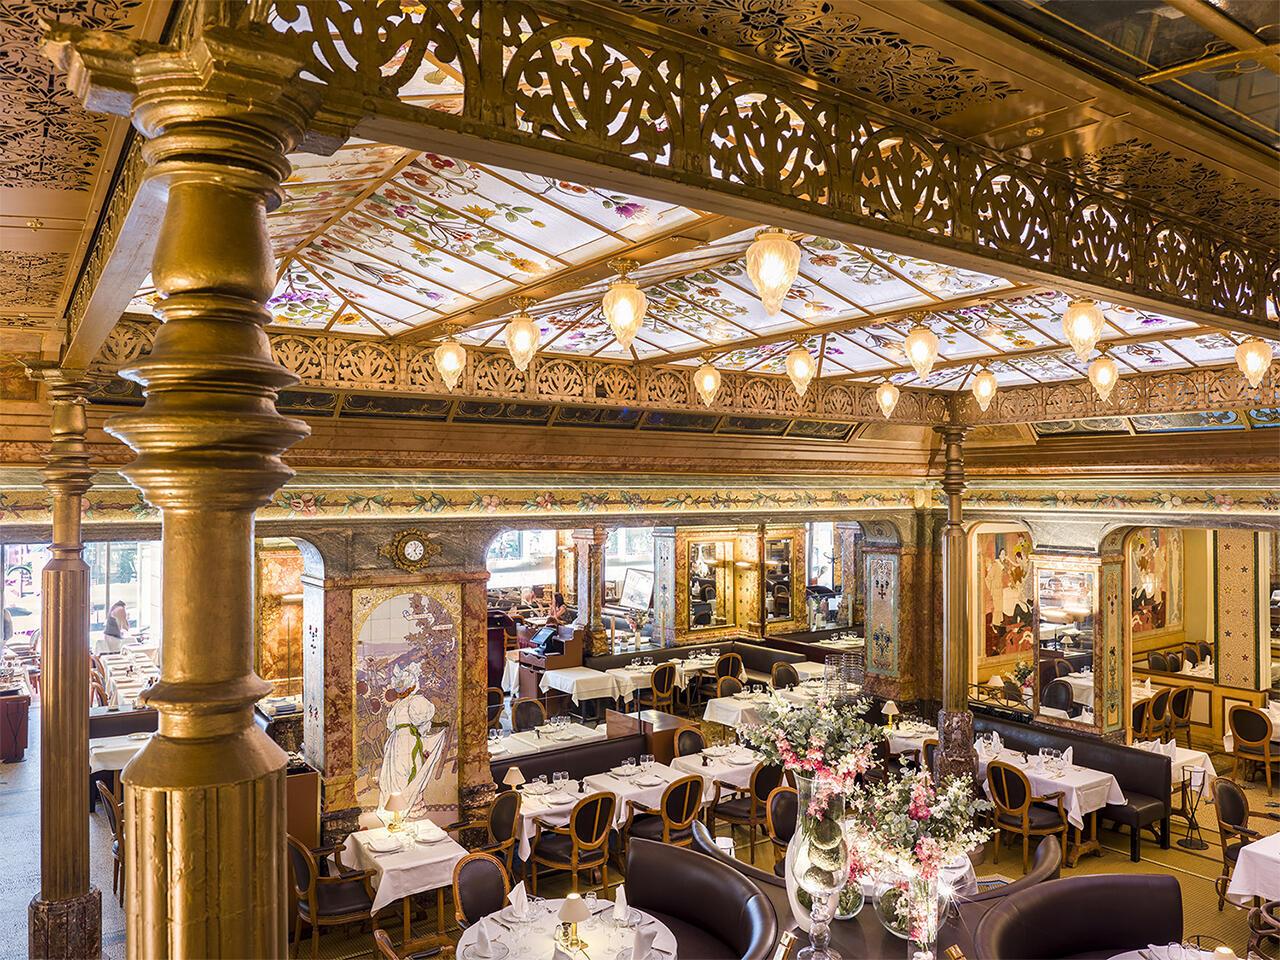 Исторические рестораны Парижа. Ресторан Mollard неподалеку от вокзала Сен-Лазар.